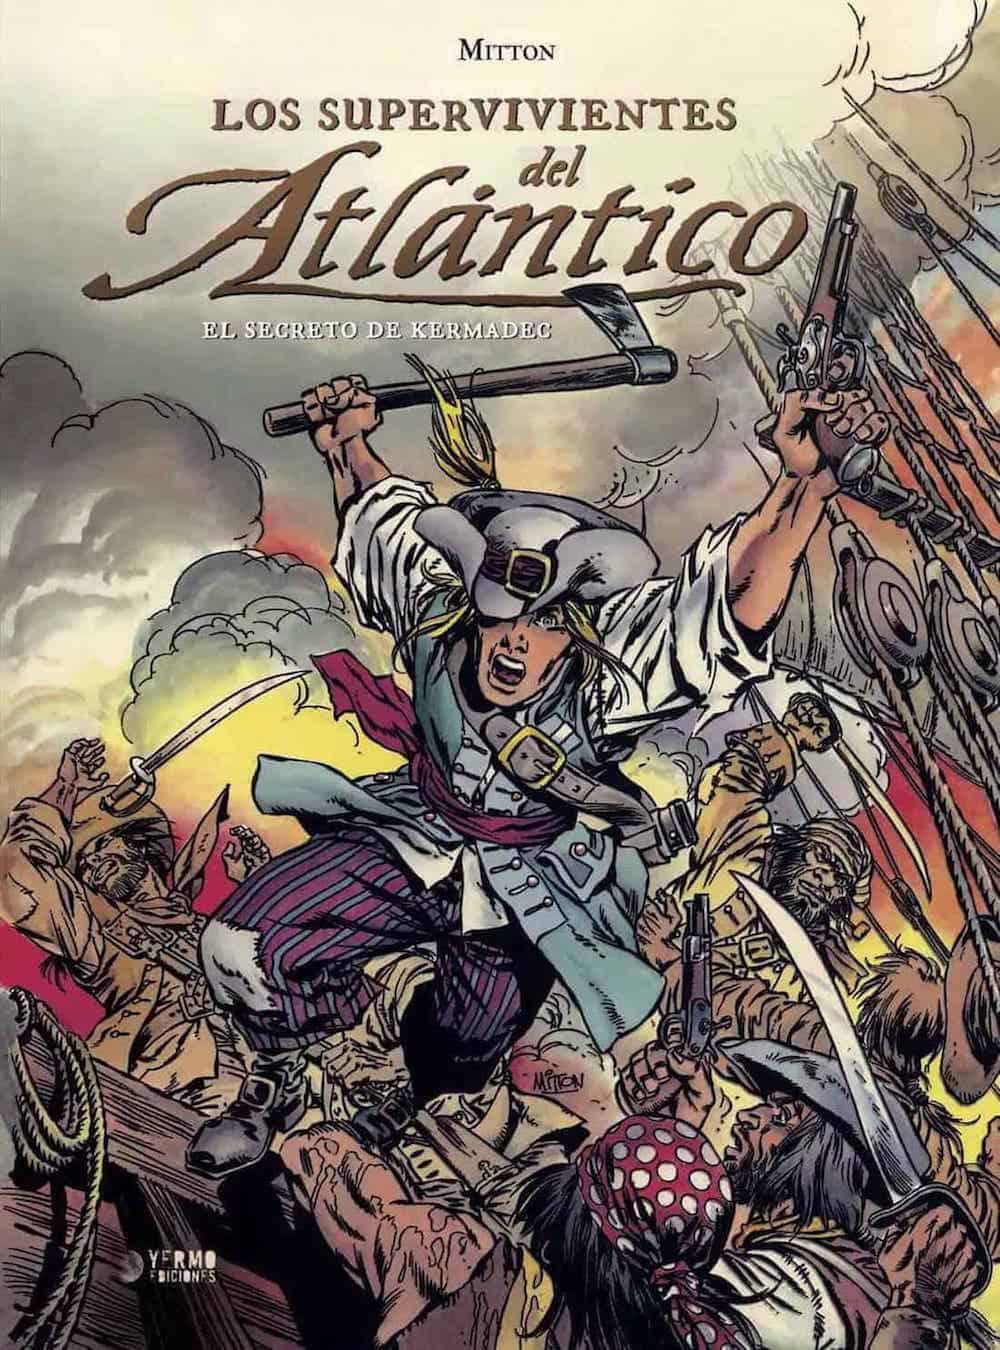 LOS SUPERVIVIENTES DEL ATLANTICO 01: EL SECRETO DE KERMADEC